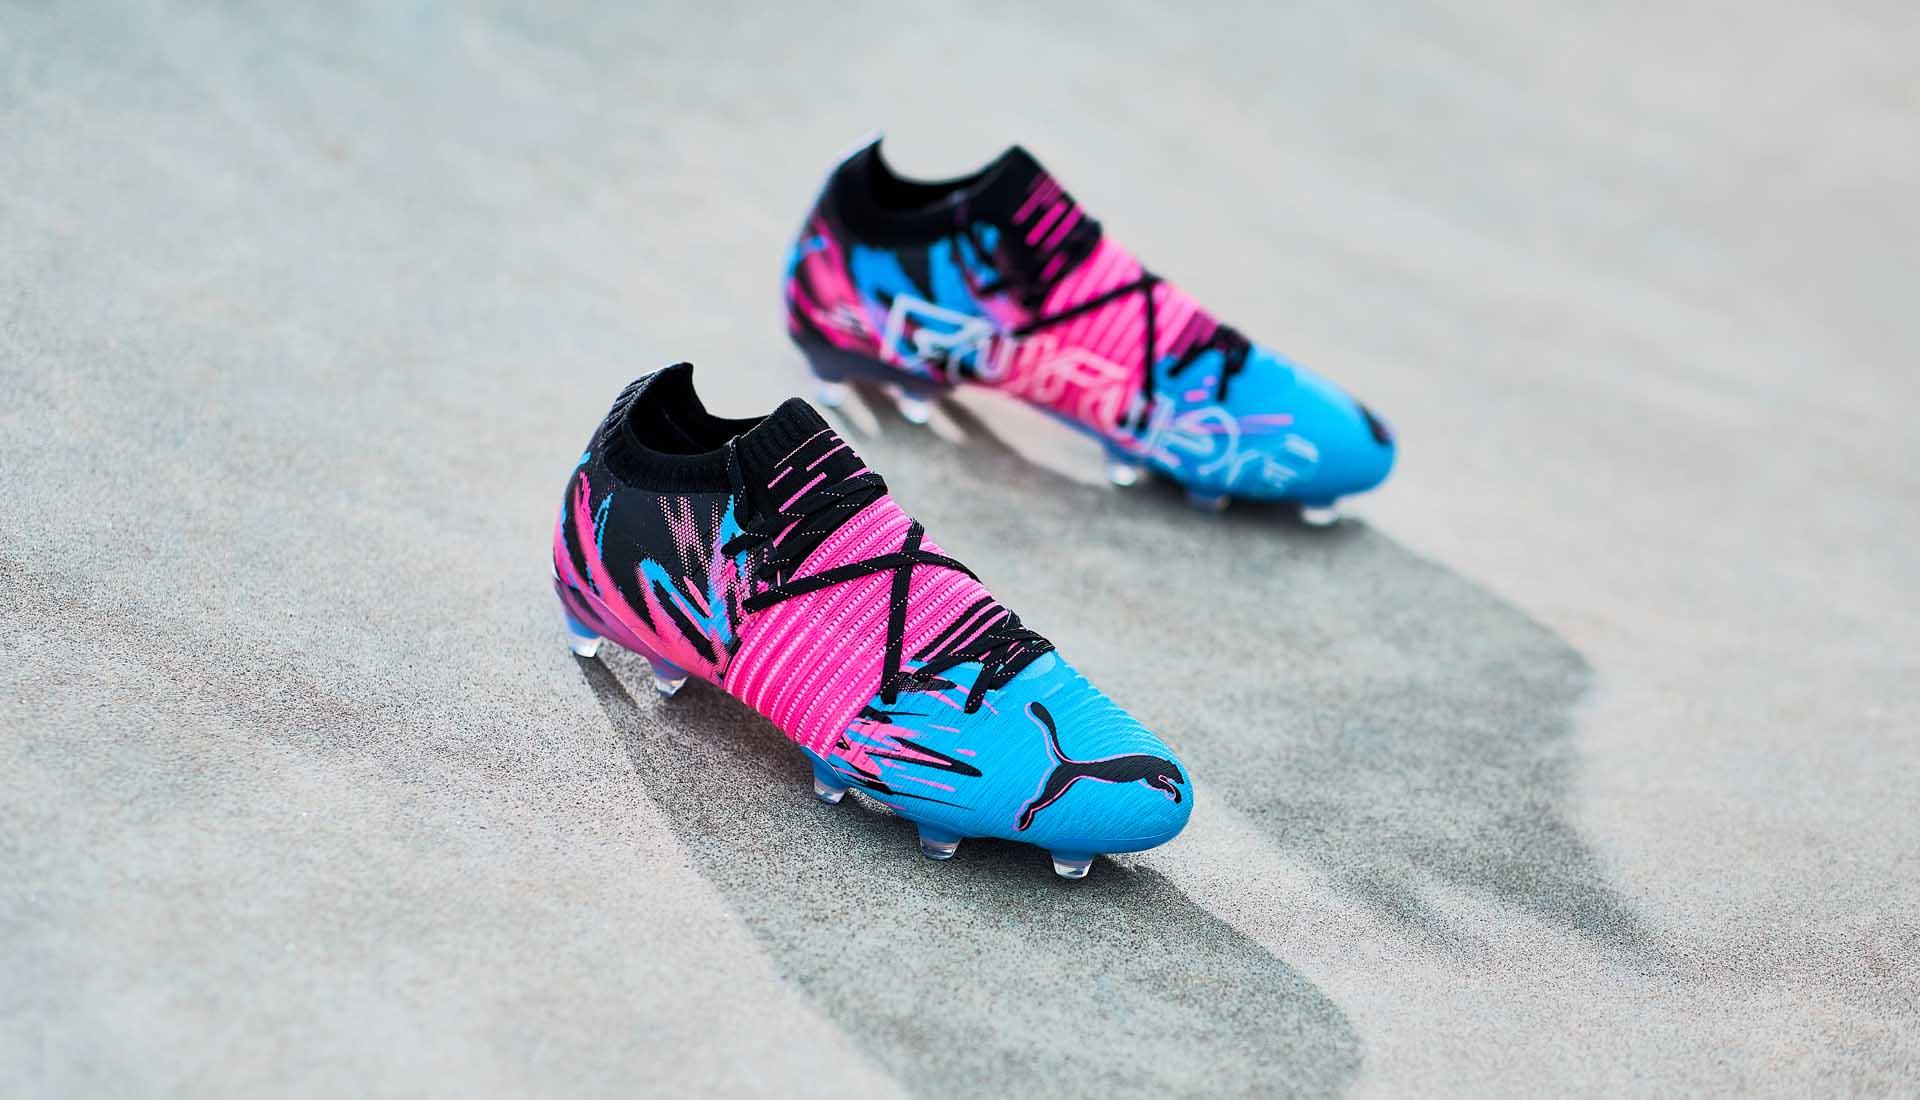 Giày đá banh Puma Future Z Creativity với thiết kế độc đáo, táo bạo